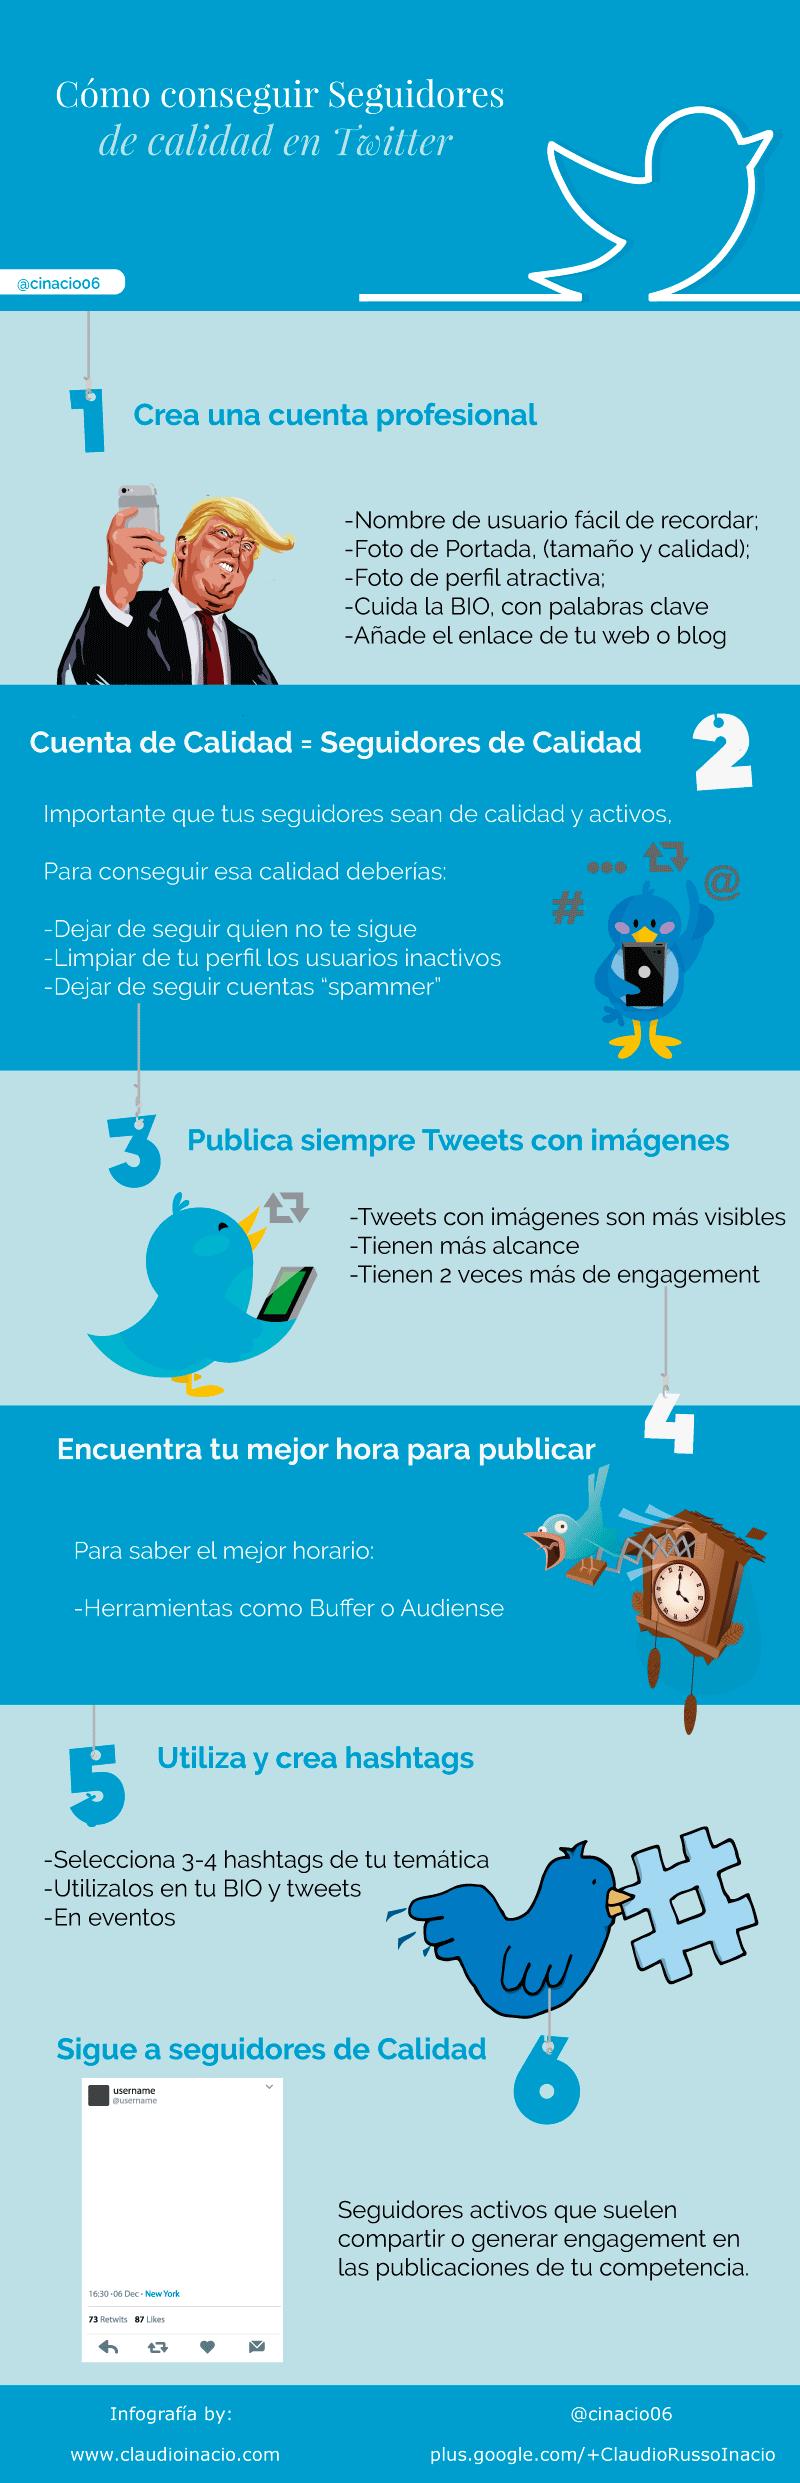 infografía como conseguir seguidores en Twitter